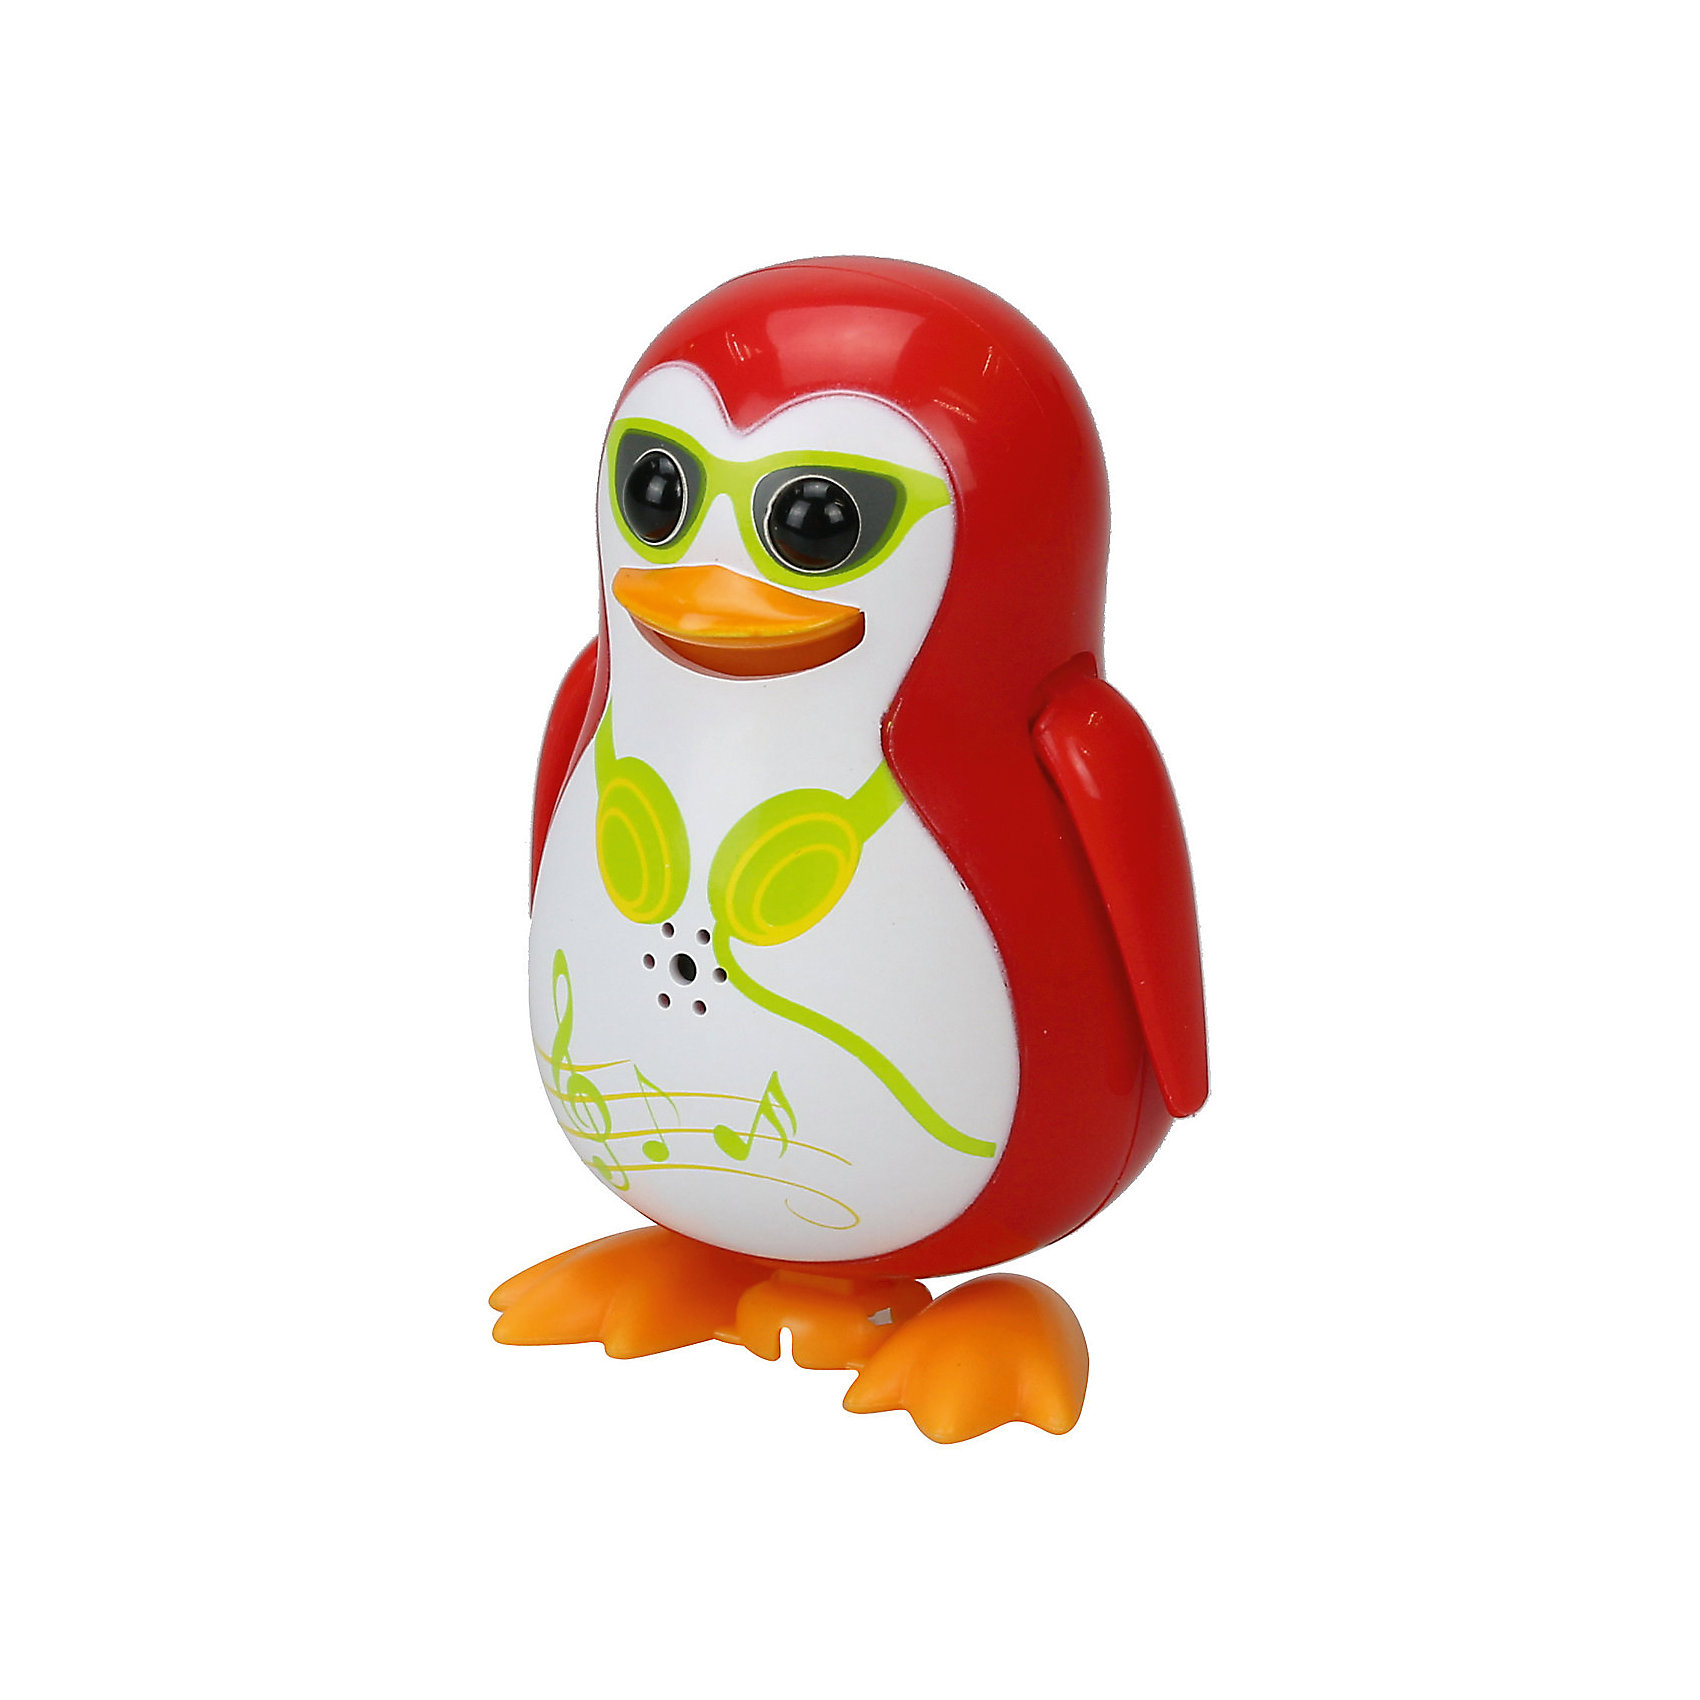 Silverlit Поющий пингвин с кольцом, красный, DigiBirds silverlit пингвин с кольцом красный пират